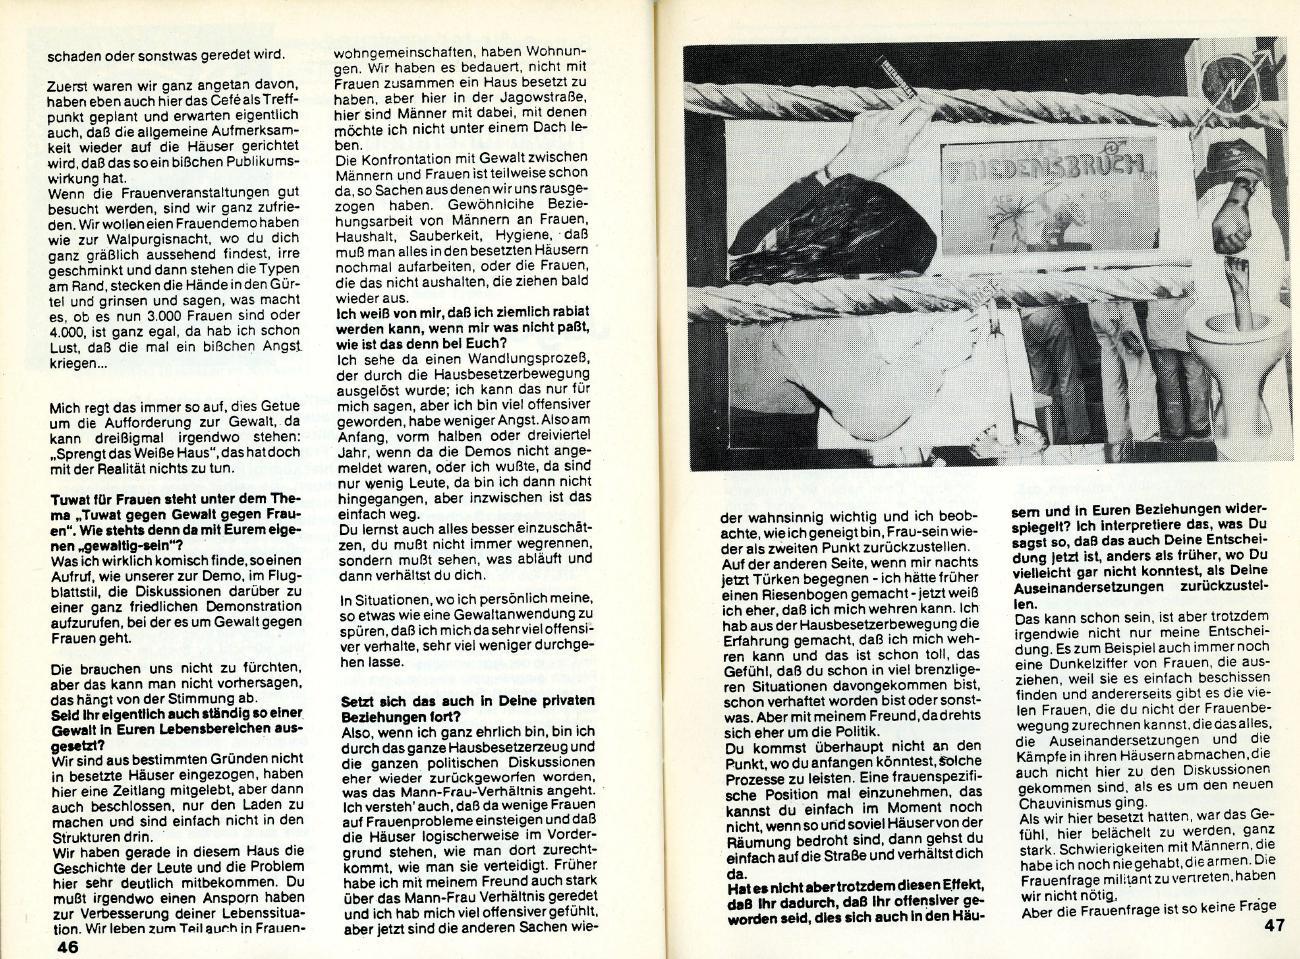 Berliner_Linie4_1981_82_24